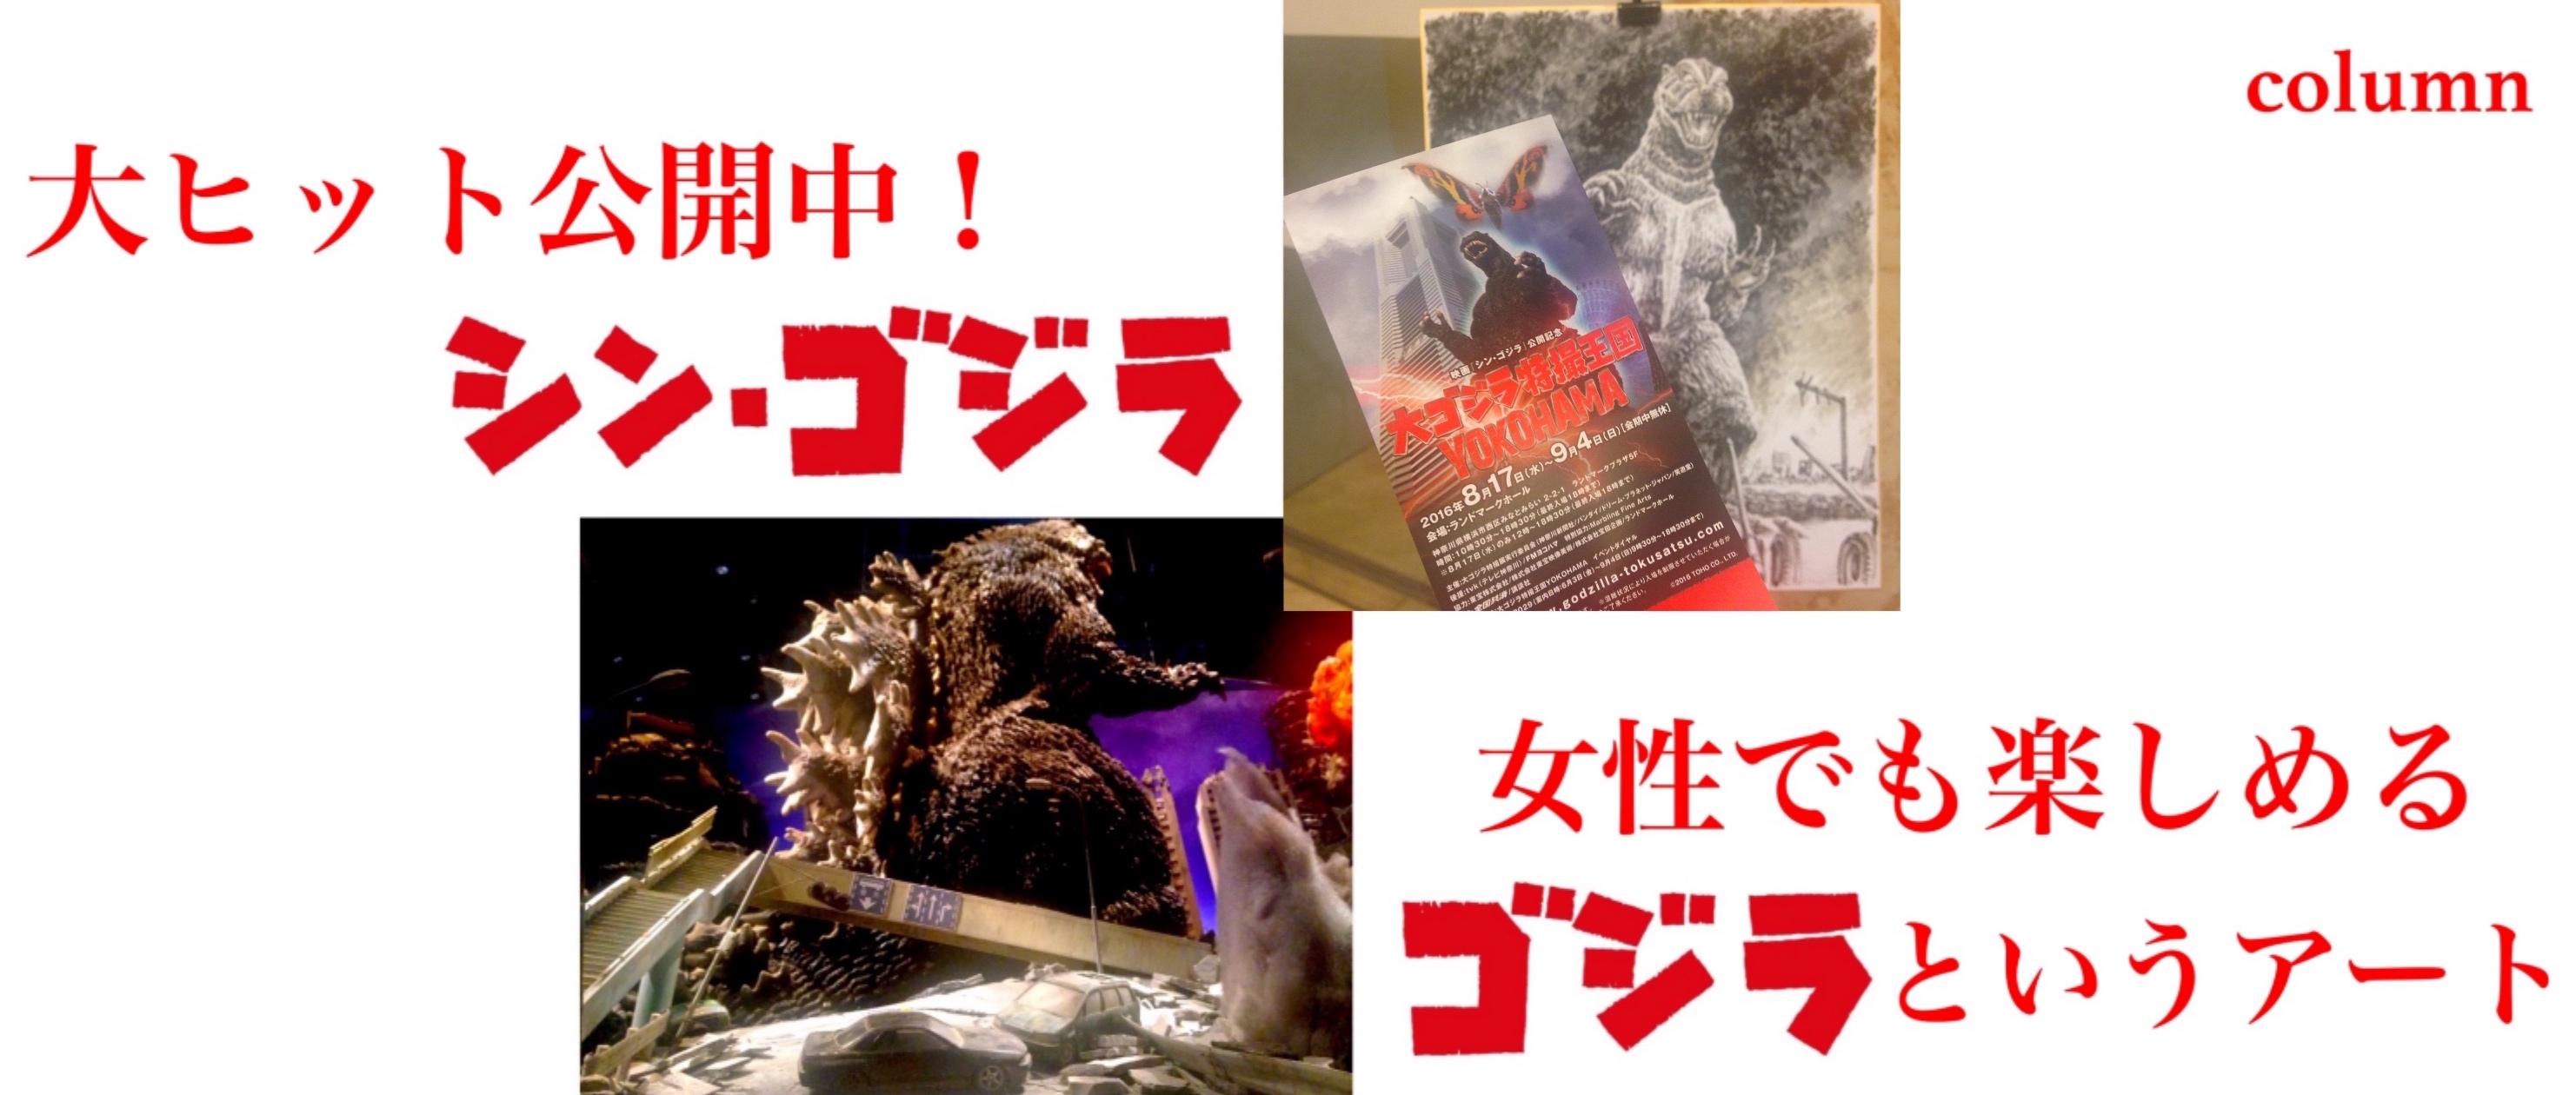 大ヒット公開中!『シン・ゴジラ』 女性でも楽しめるゴジラというアート